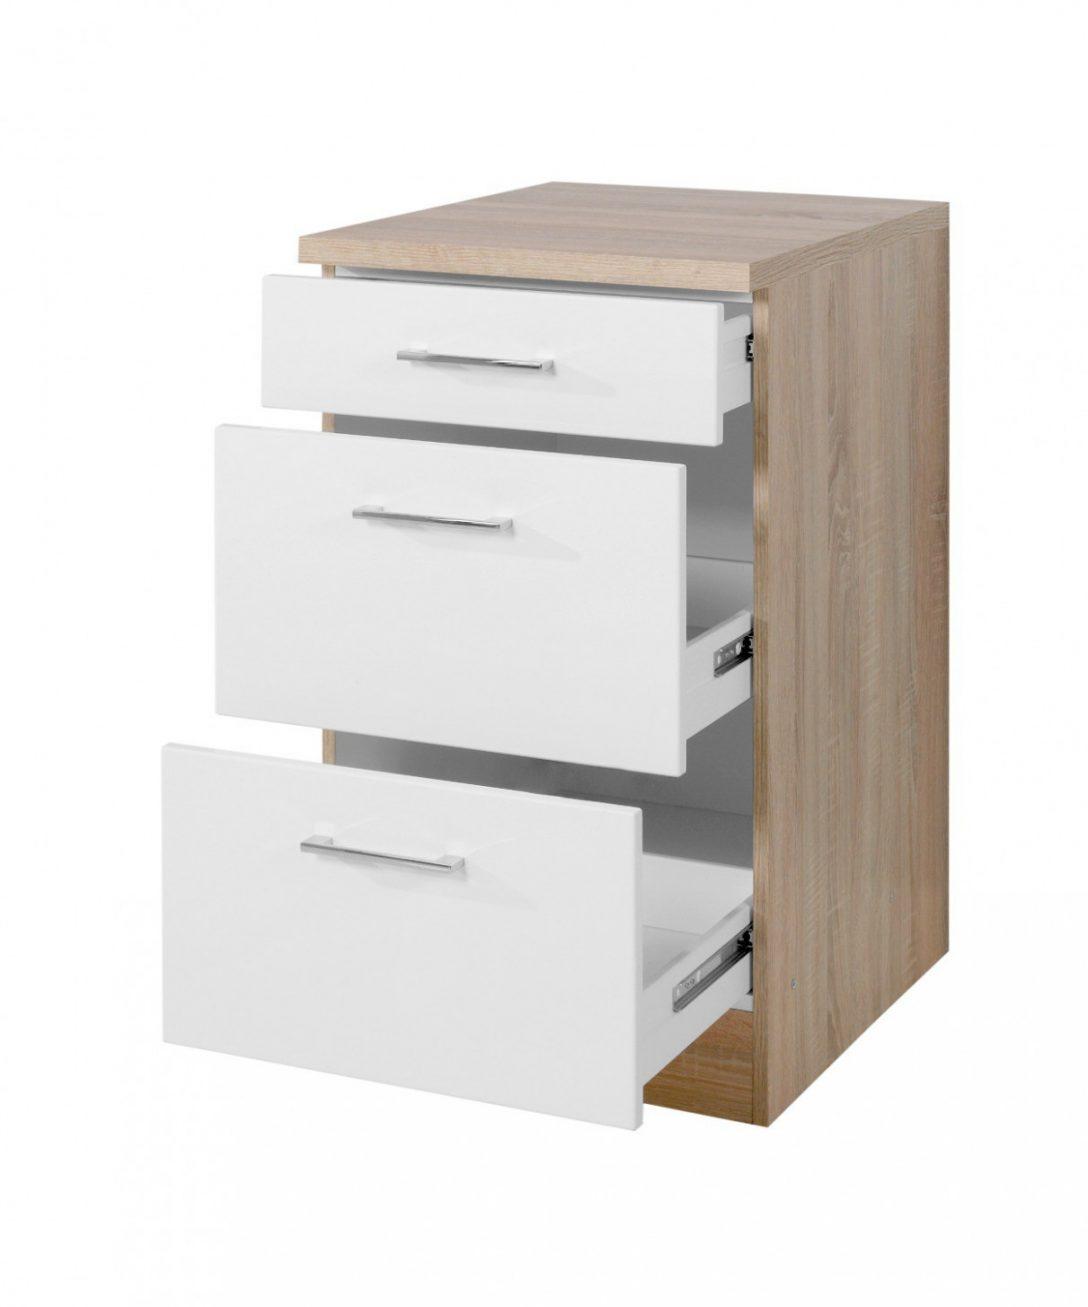 Large Size of Ikea Unterschrank Kchen Lampe Tischleuchte Selber Bauen Badezimmer Bad Holz Küche Kaufen Sofa Mit Schlaffunktion Kosten Modulküche Eckunterschrank Miniküche Wohnzimmer Ikea Unterschrank